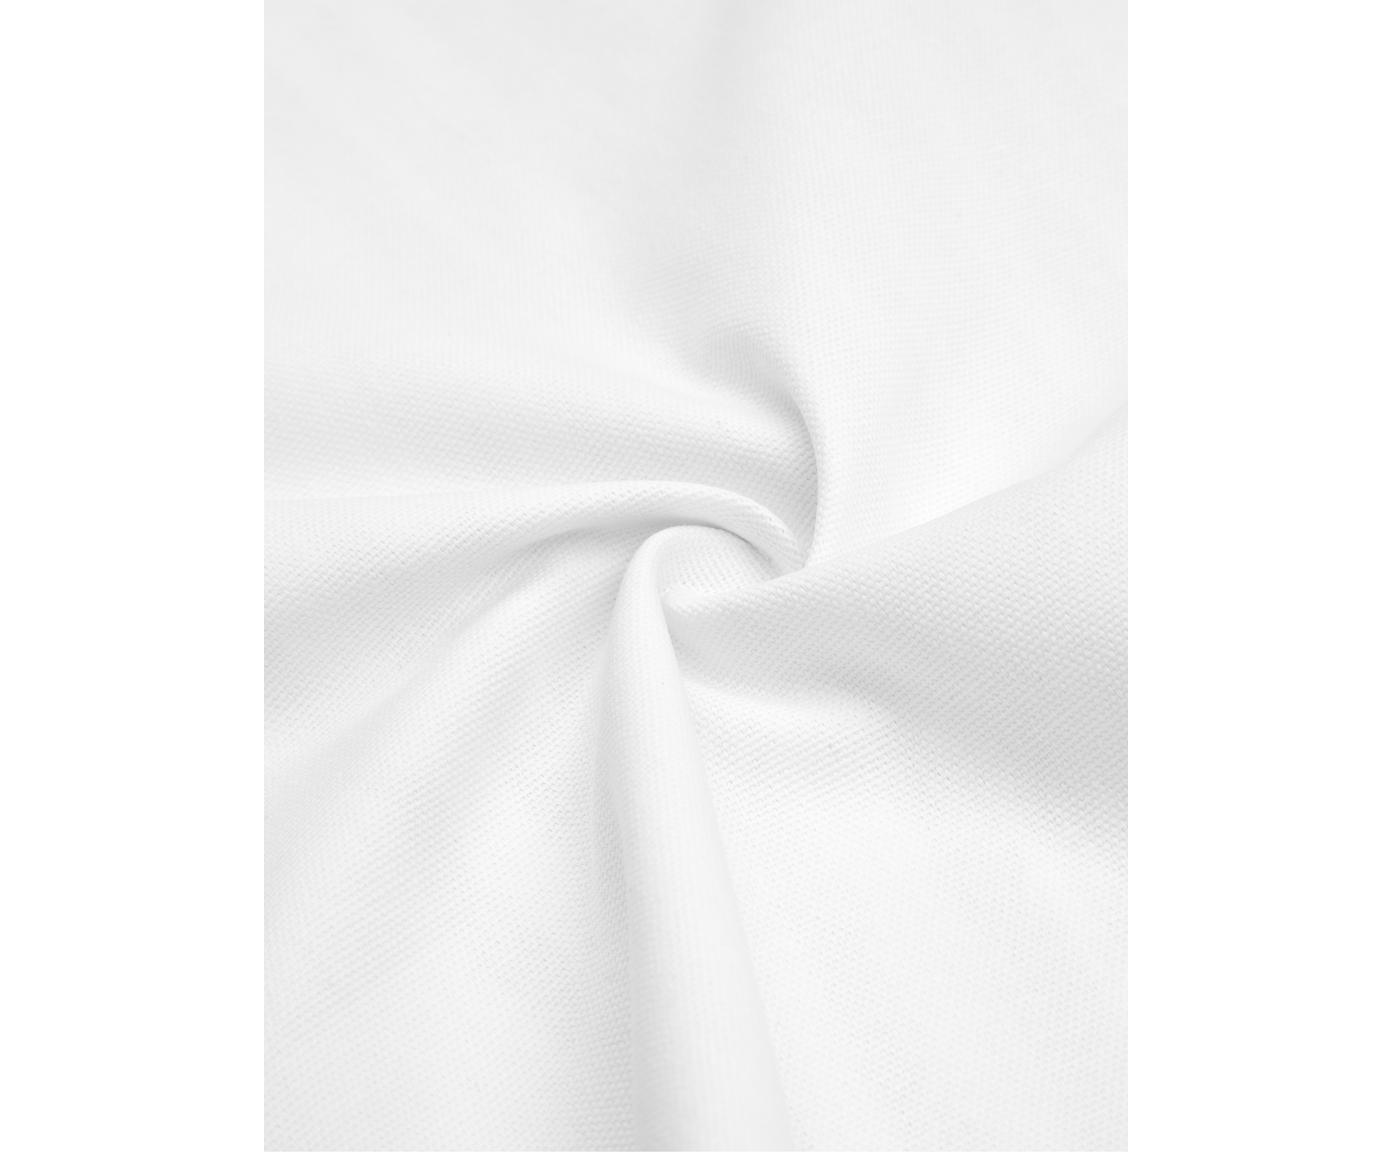 Poszewka na poduszkę Mia, Bawełna, Czarny, biały, S 40 x D 40 cm